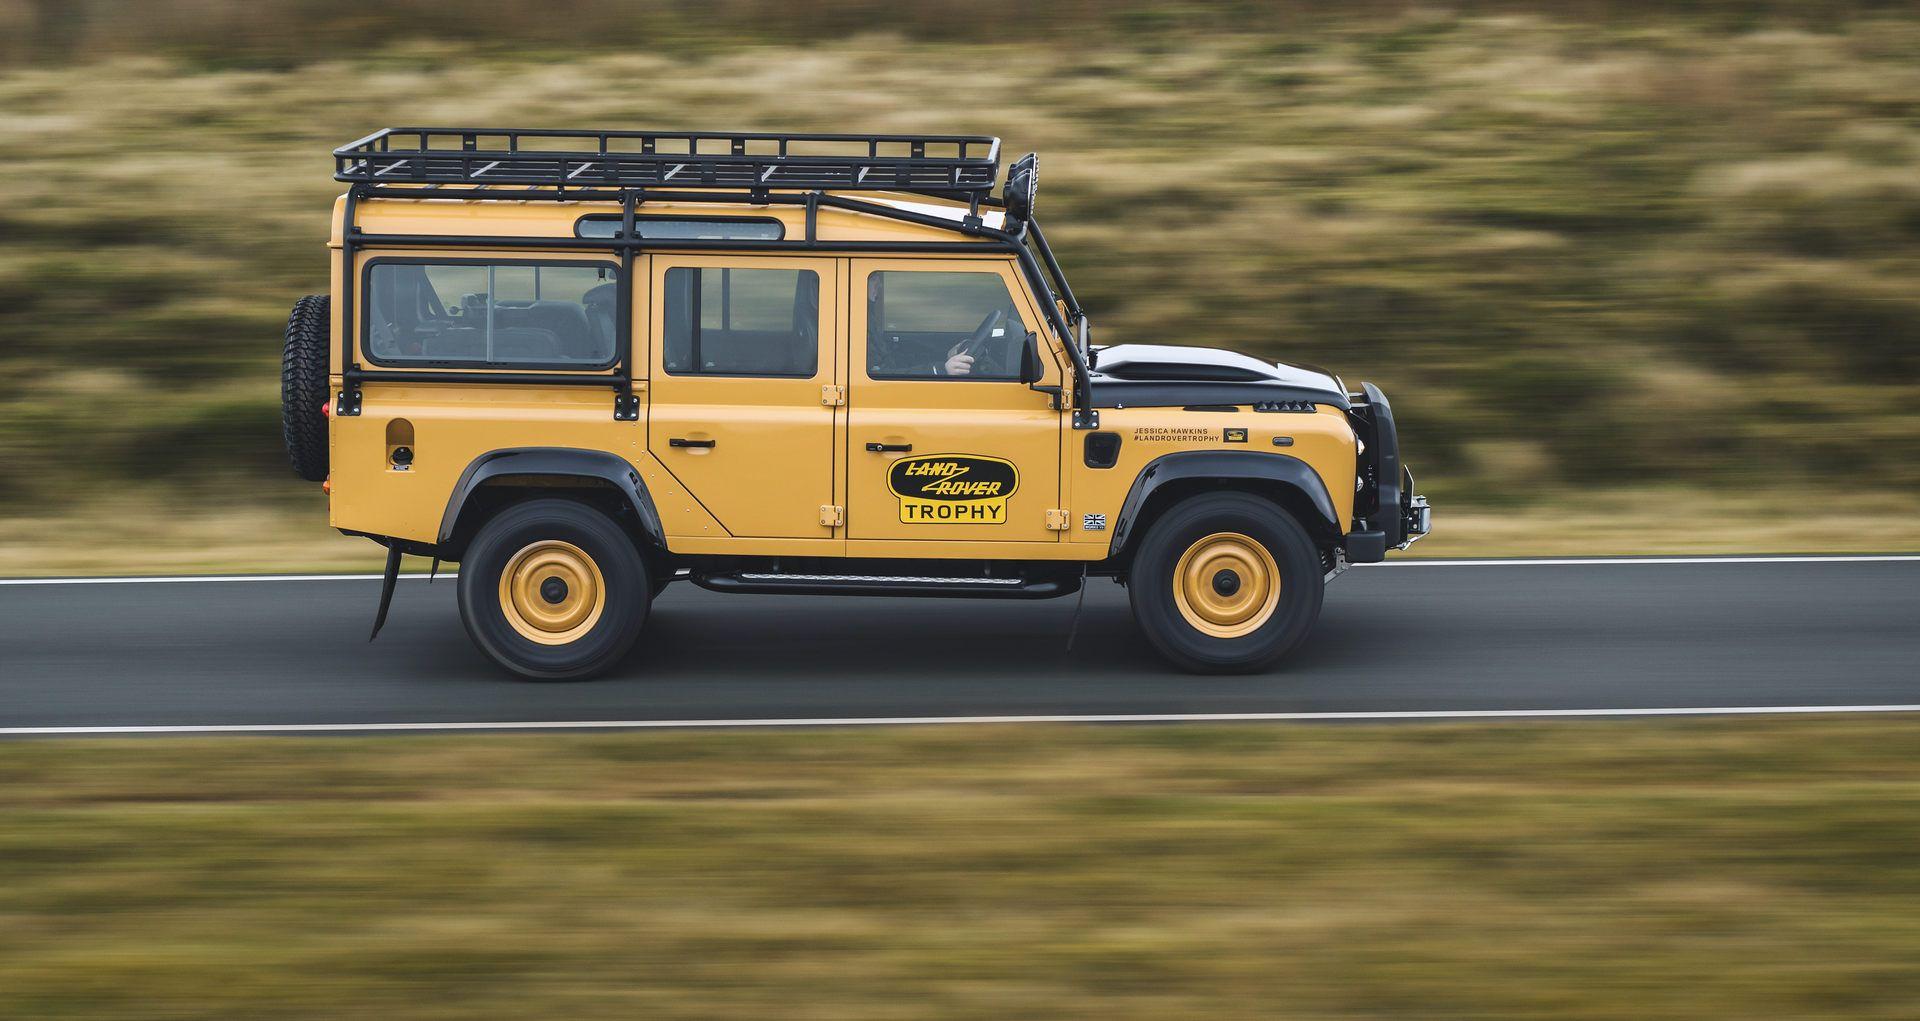 Land-Rover-Defender-Works-V8-Trophy-10